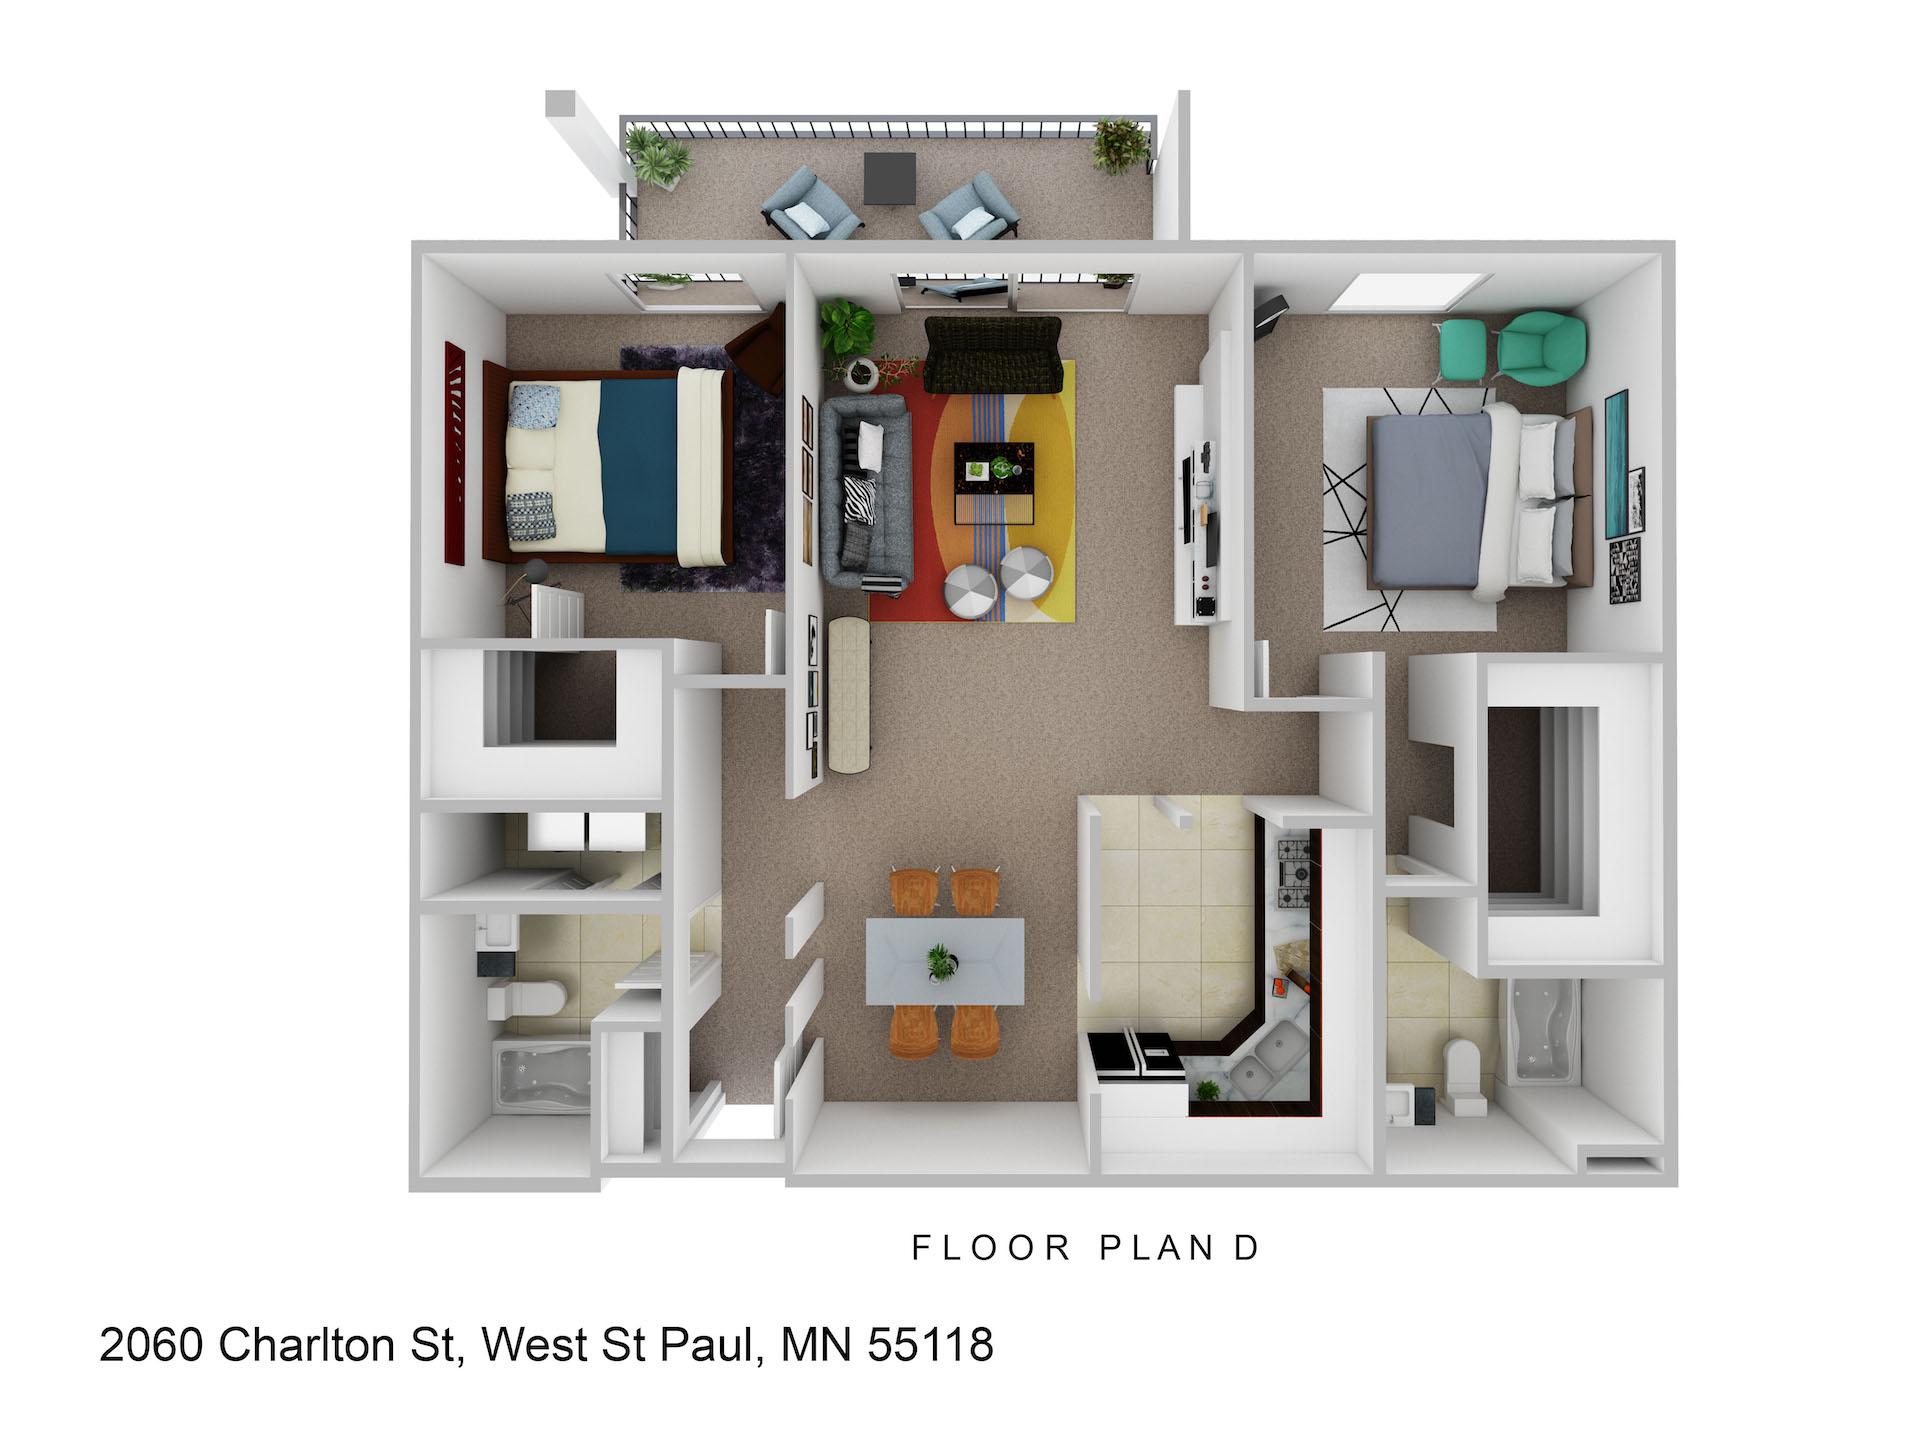 floorplan-D